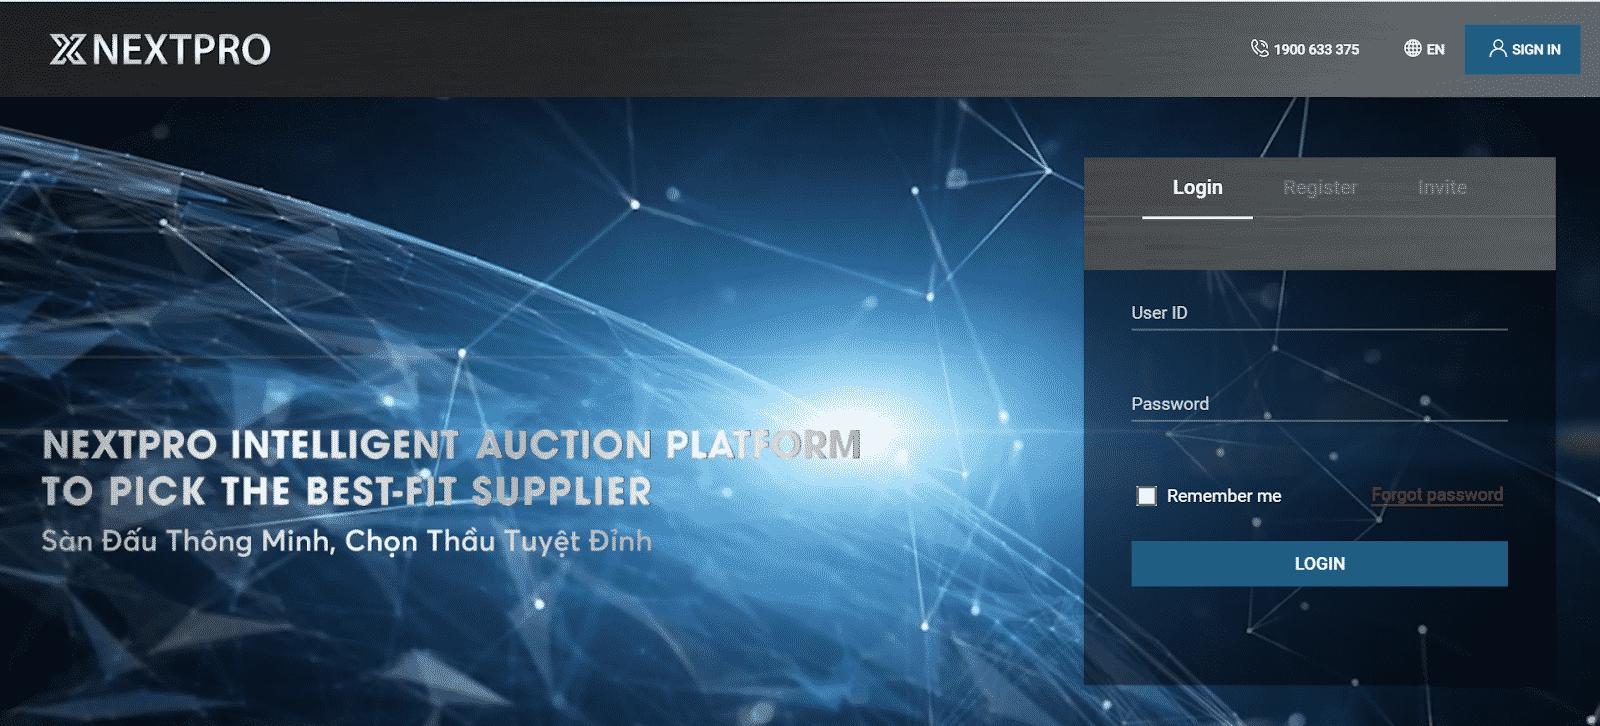 hình ảnh NextPro - dịch vụ đăng ký đấu thầu qua mạng uy tín và chất lượng - số 3